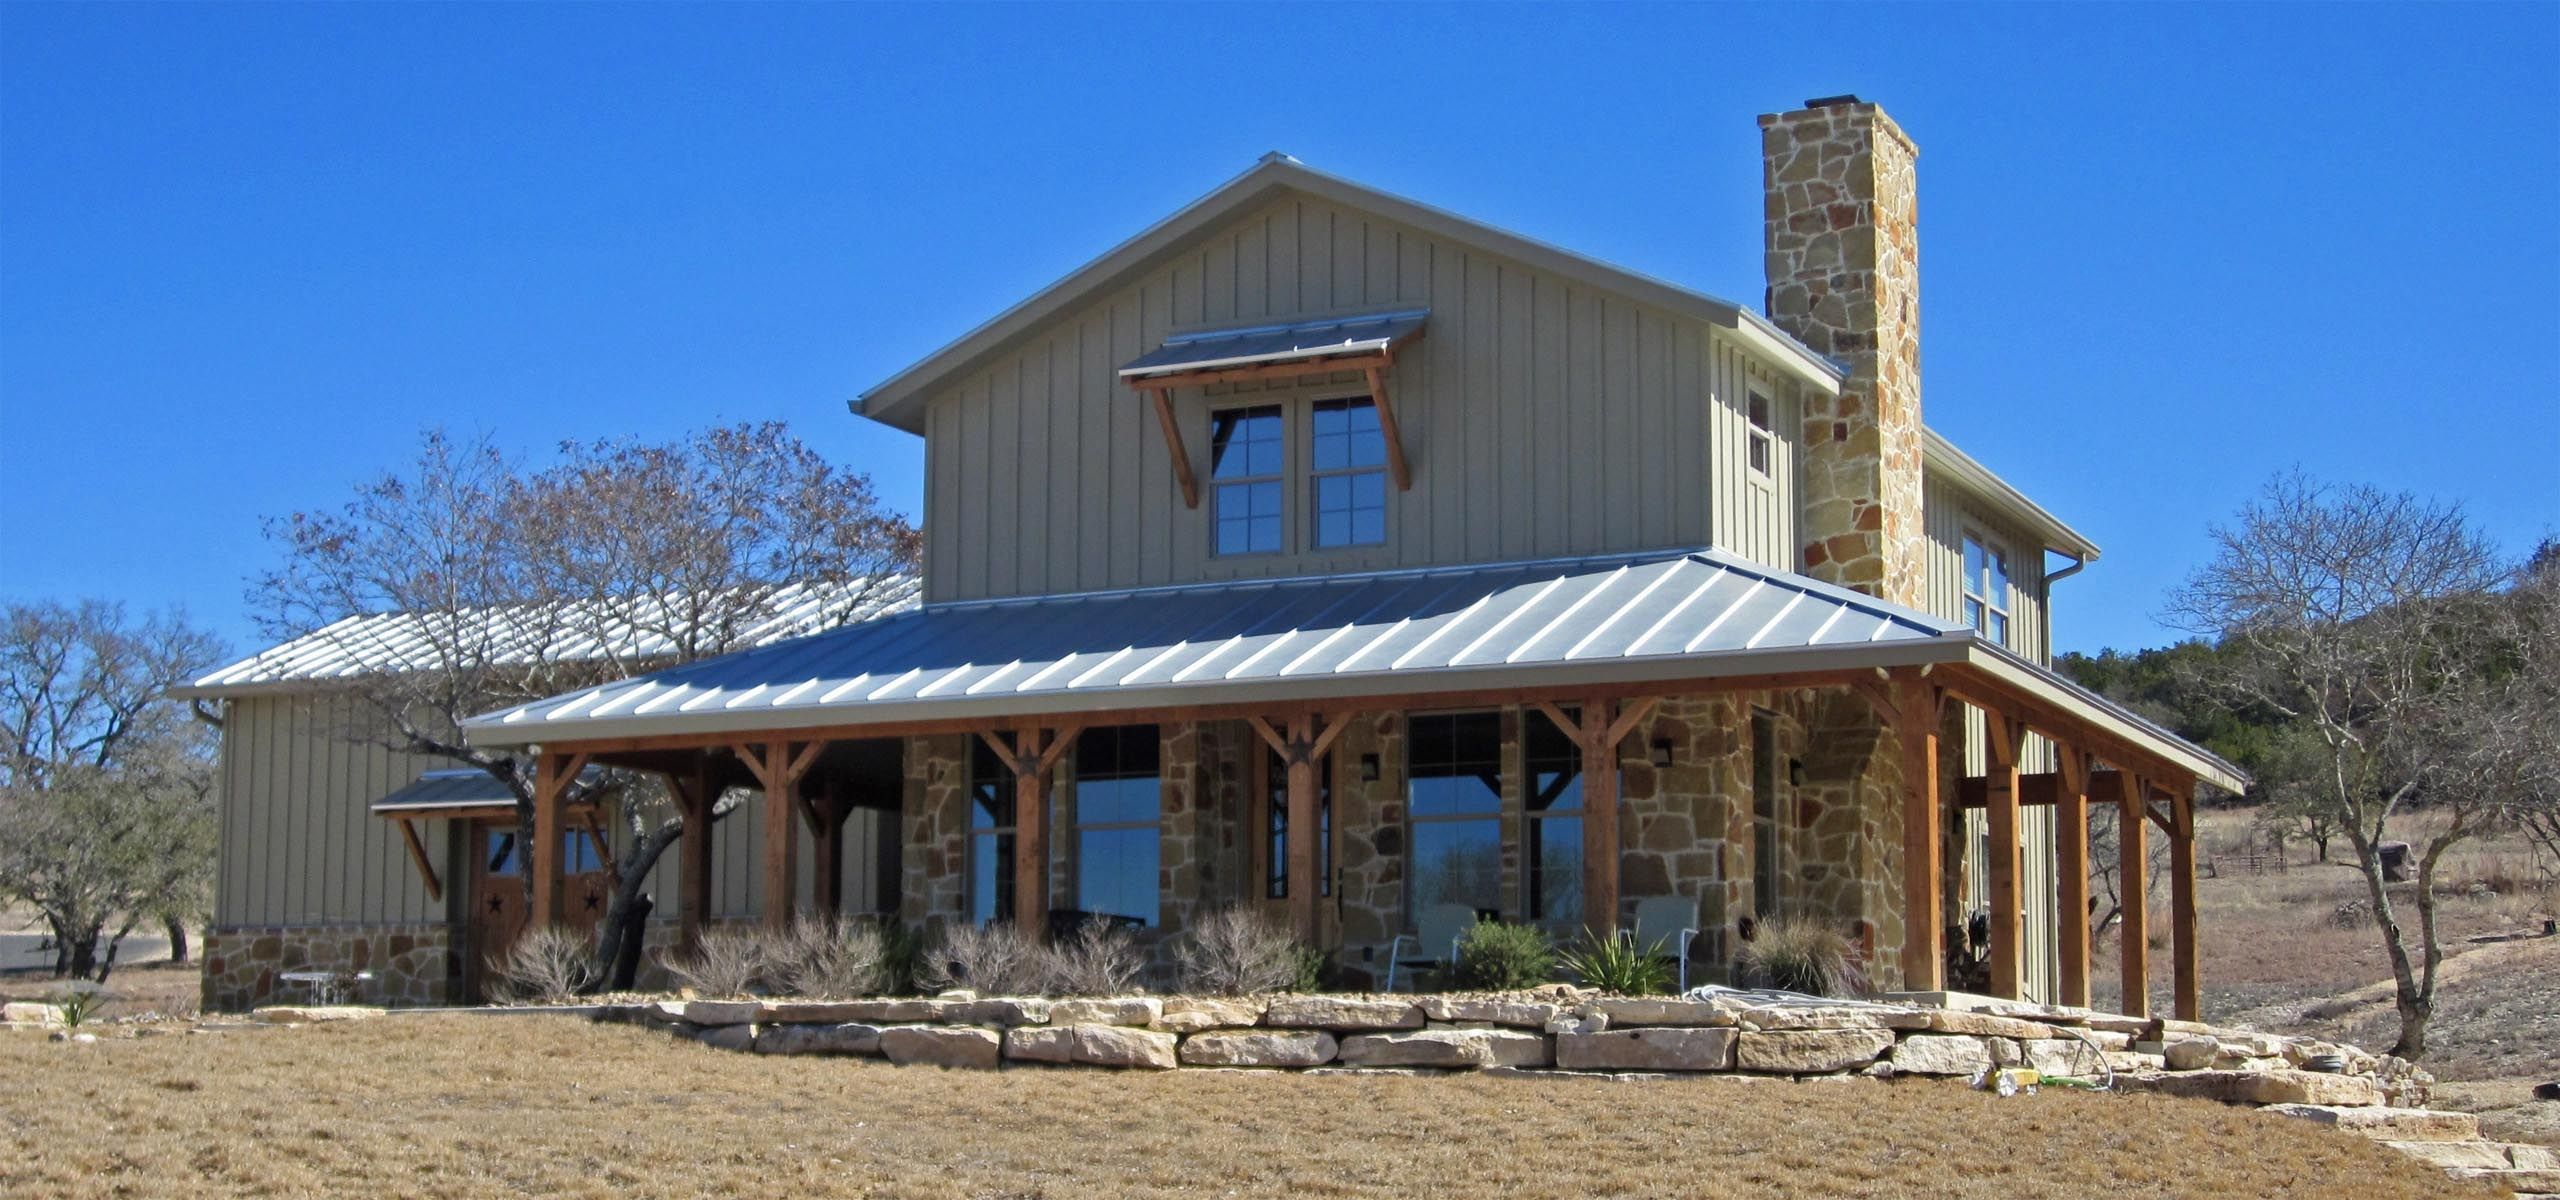 Davis Carriage House Texas Home Plans 1376 sq feet